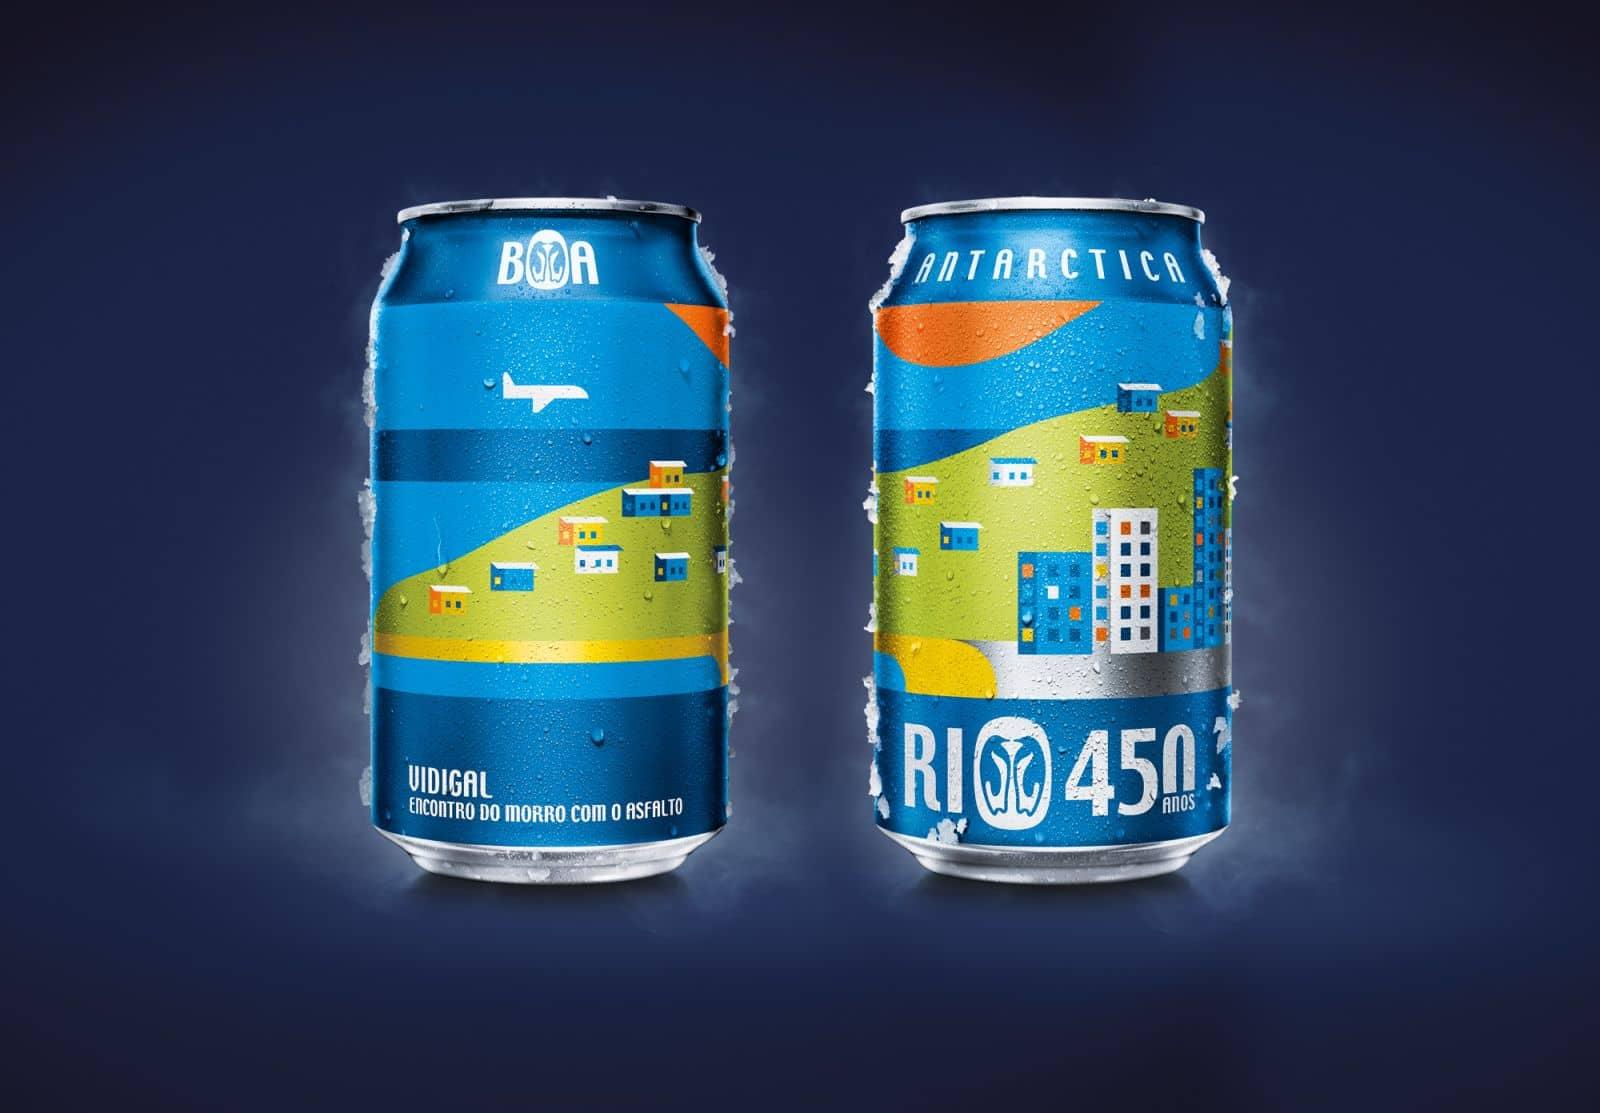 Antarctica_Rio-450_Vidigal